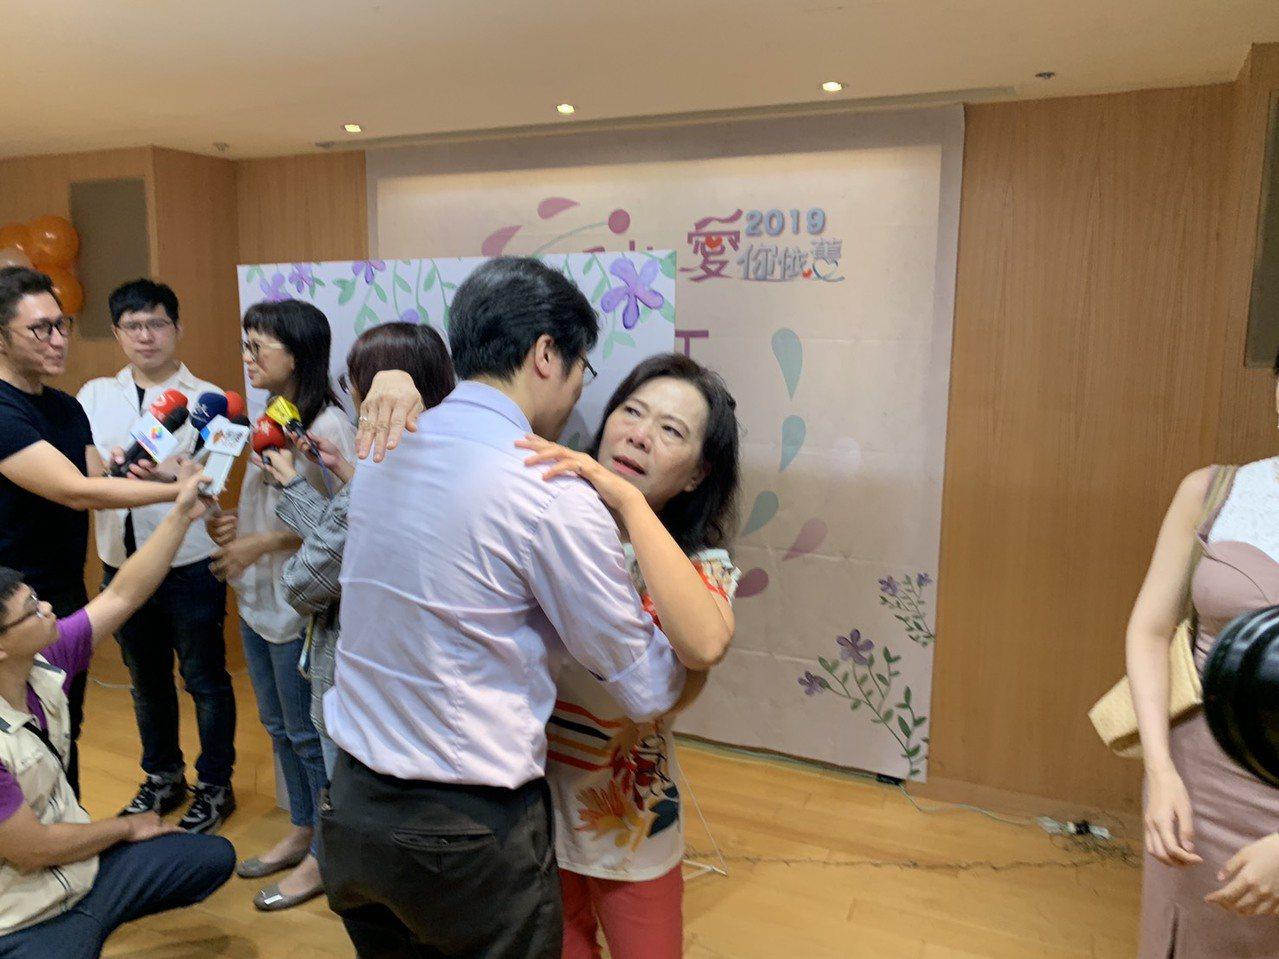 新莊國中教師曾麗娜(右)的郭宏嘉(左)突然現身分享會現場,逼得老師感動哭了。記者...